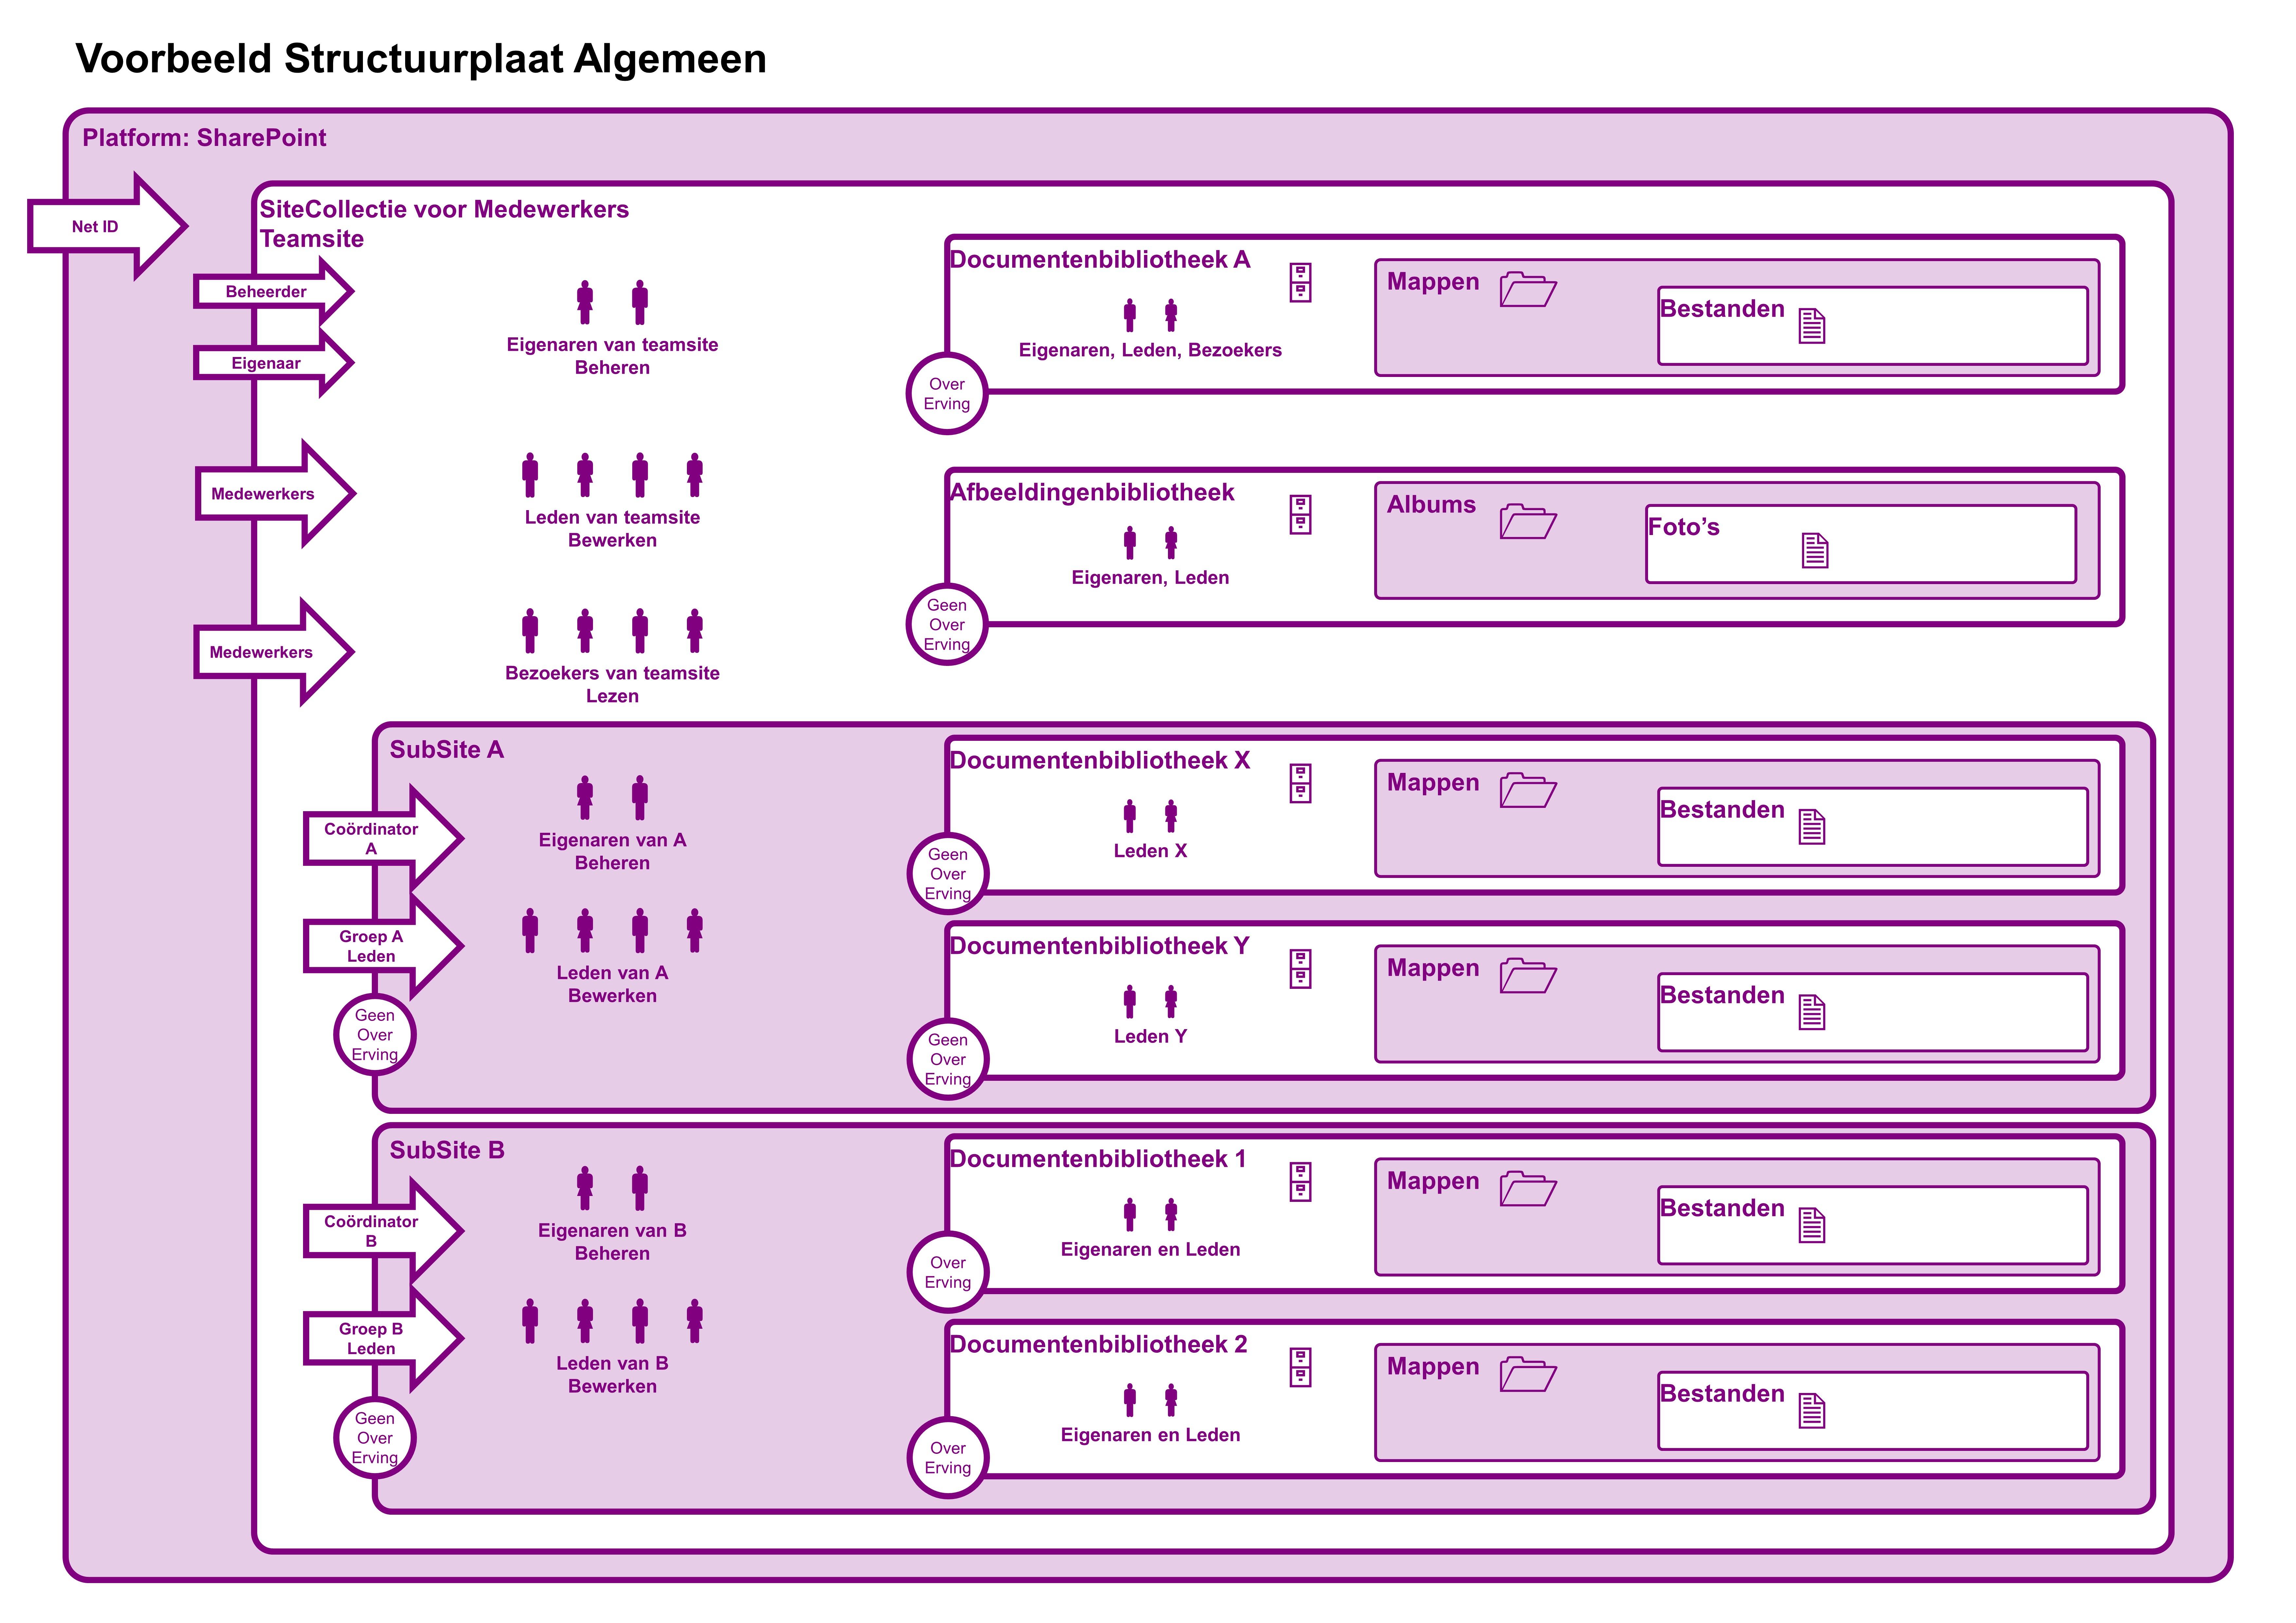 SharePoint Voorbeeld Structuurplaat voor Medewerkers Algemeen